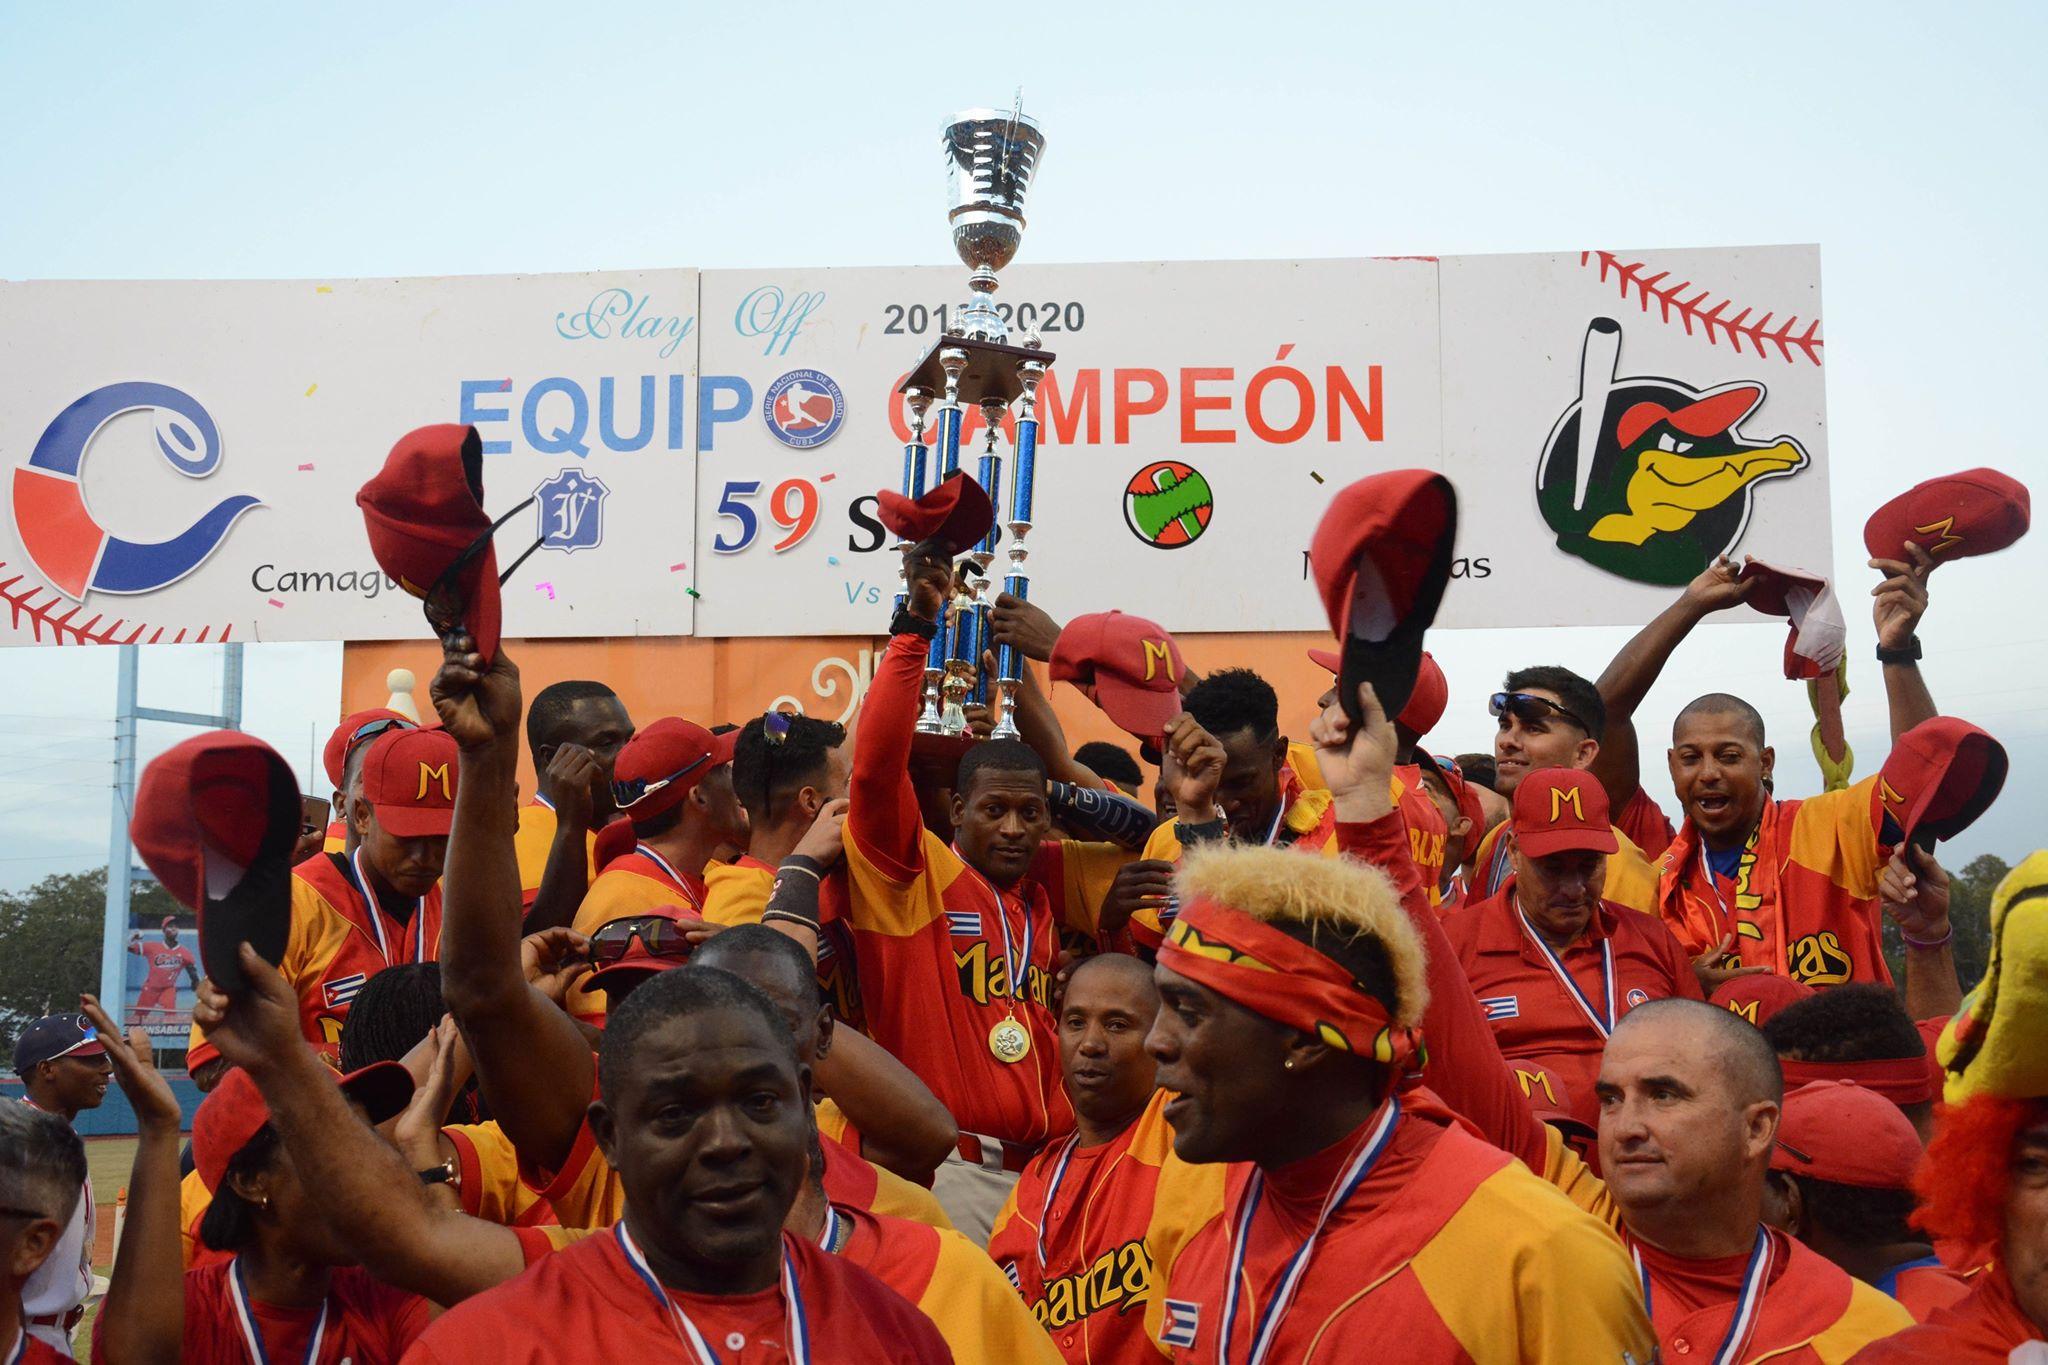 Los Cocodrilos de Matanzas, merecidos campeones de la pelota cubana. Foto: Gabriel García.